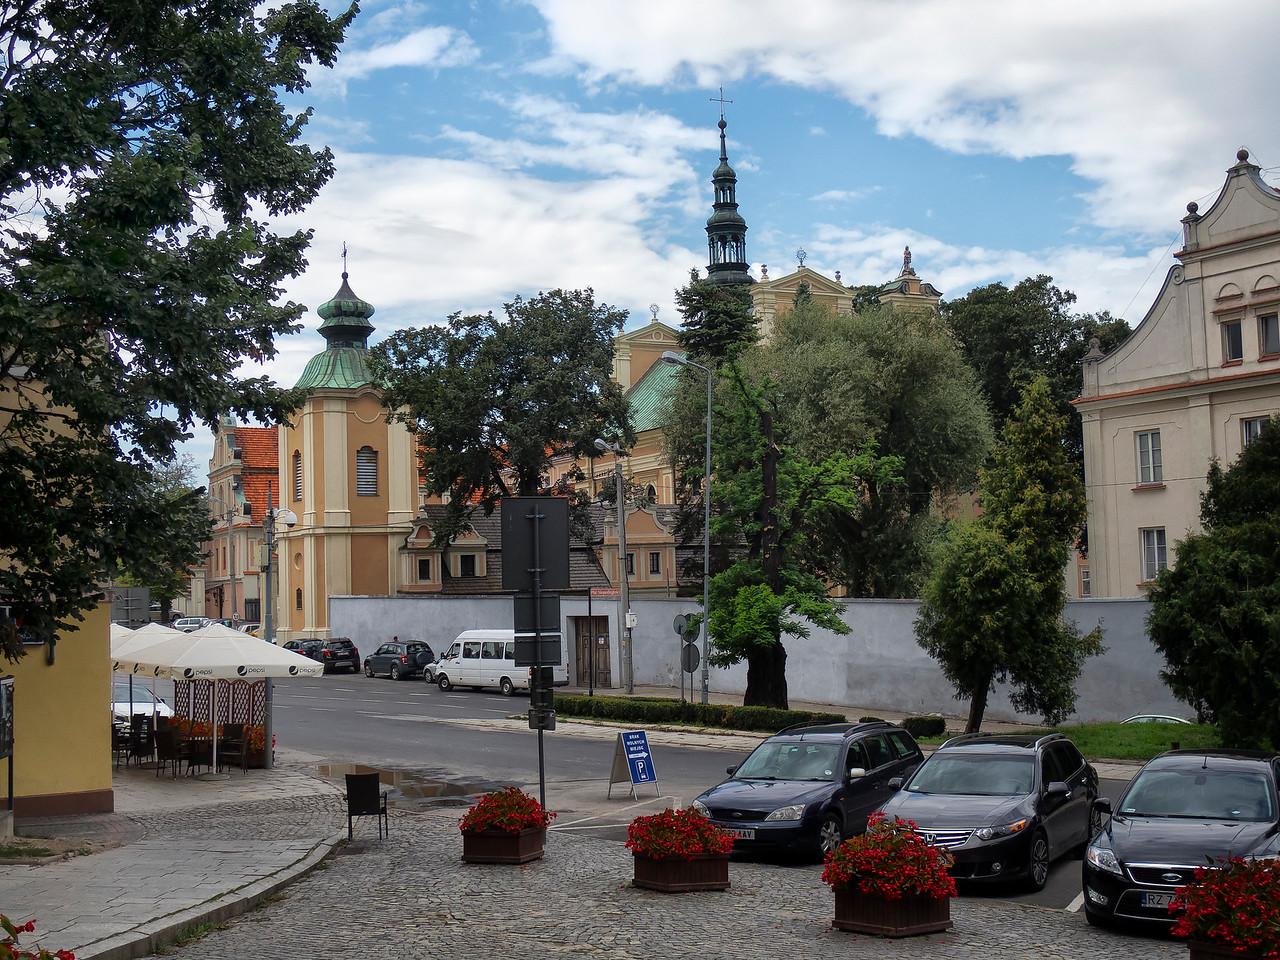 St. Michael Church, Sandomierz, Poland / Kościół św. Michała, Sandomierz, Polska